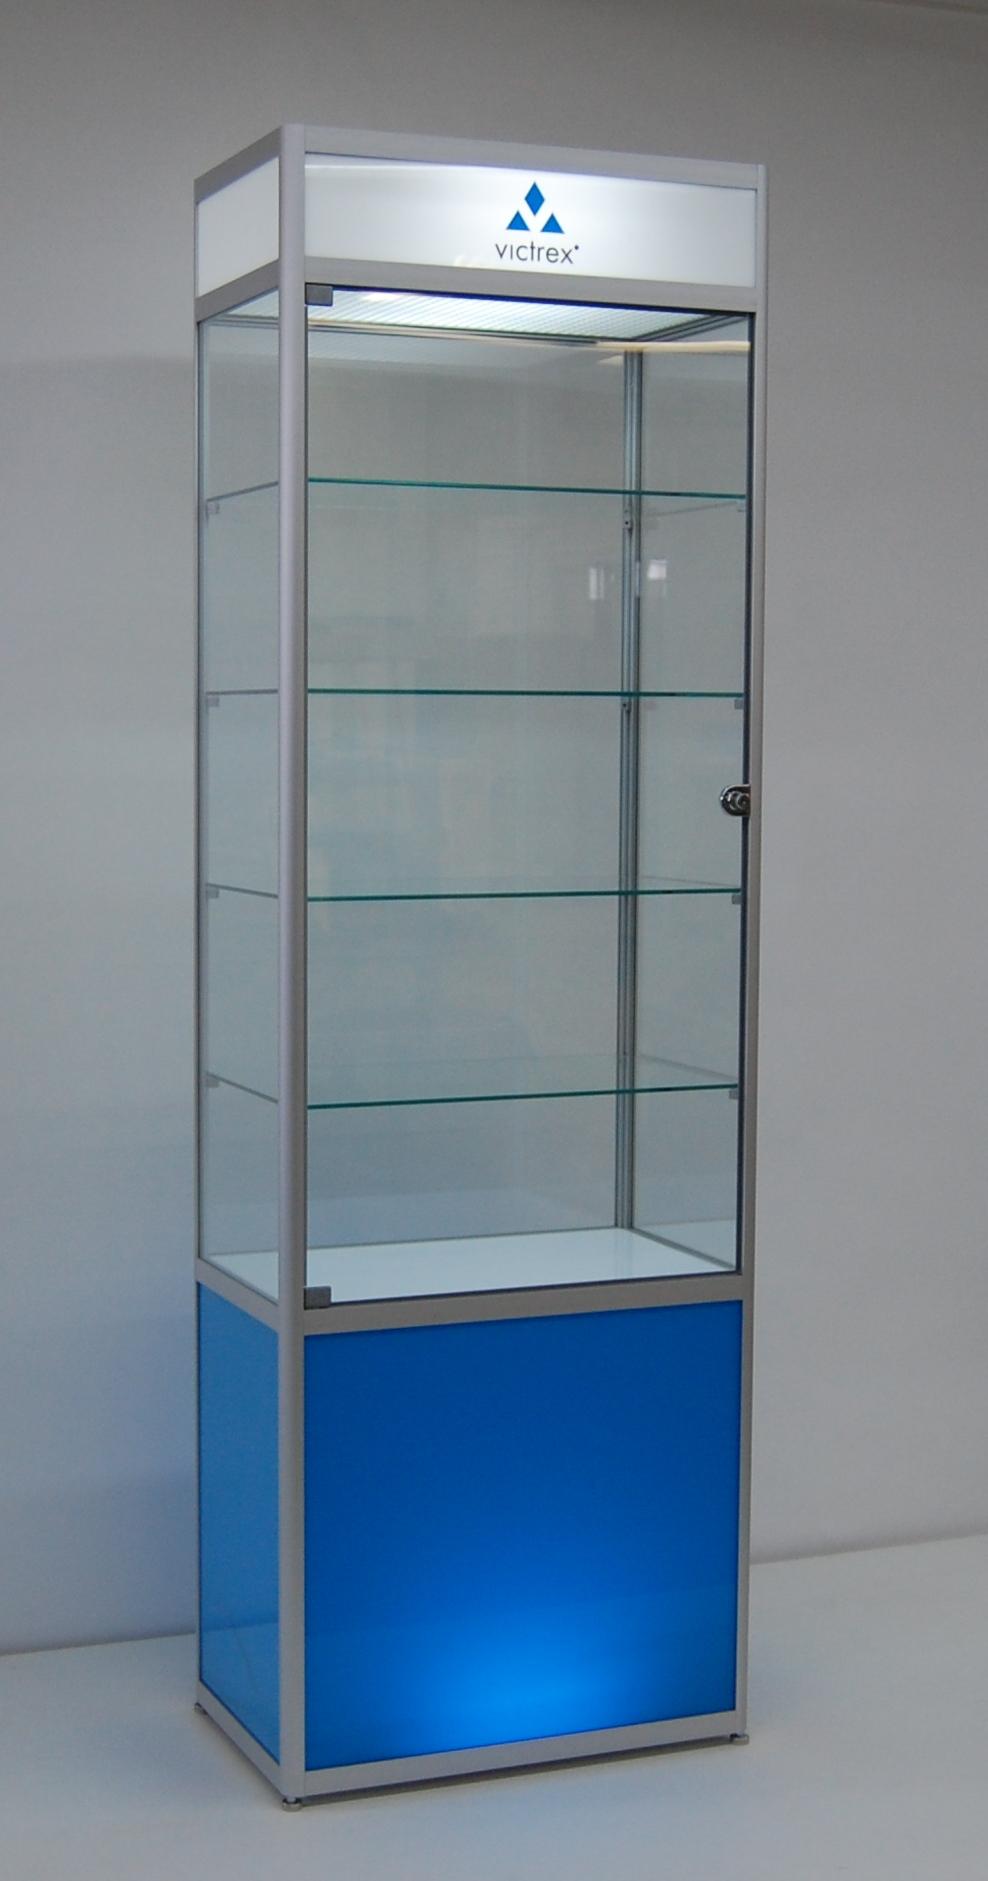 Muebles de vidrio para kiosco 20170802104307 - Muebles de vidrio ...